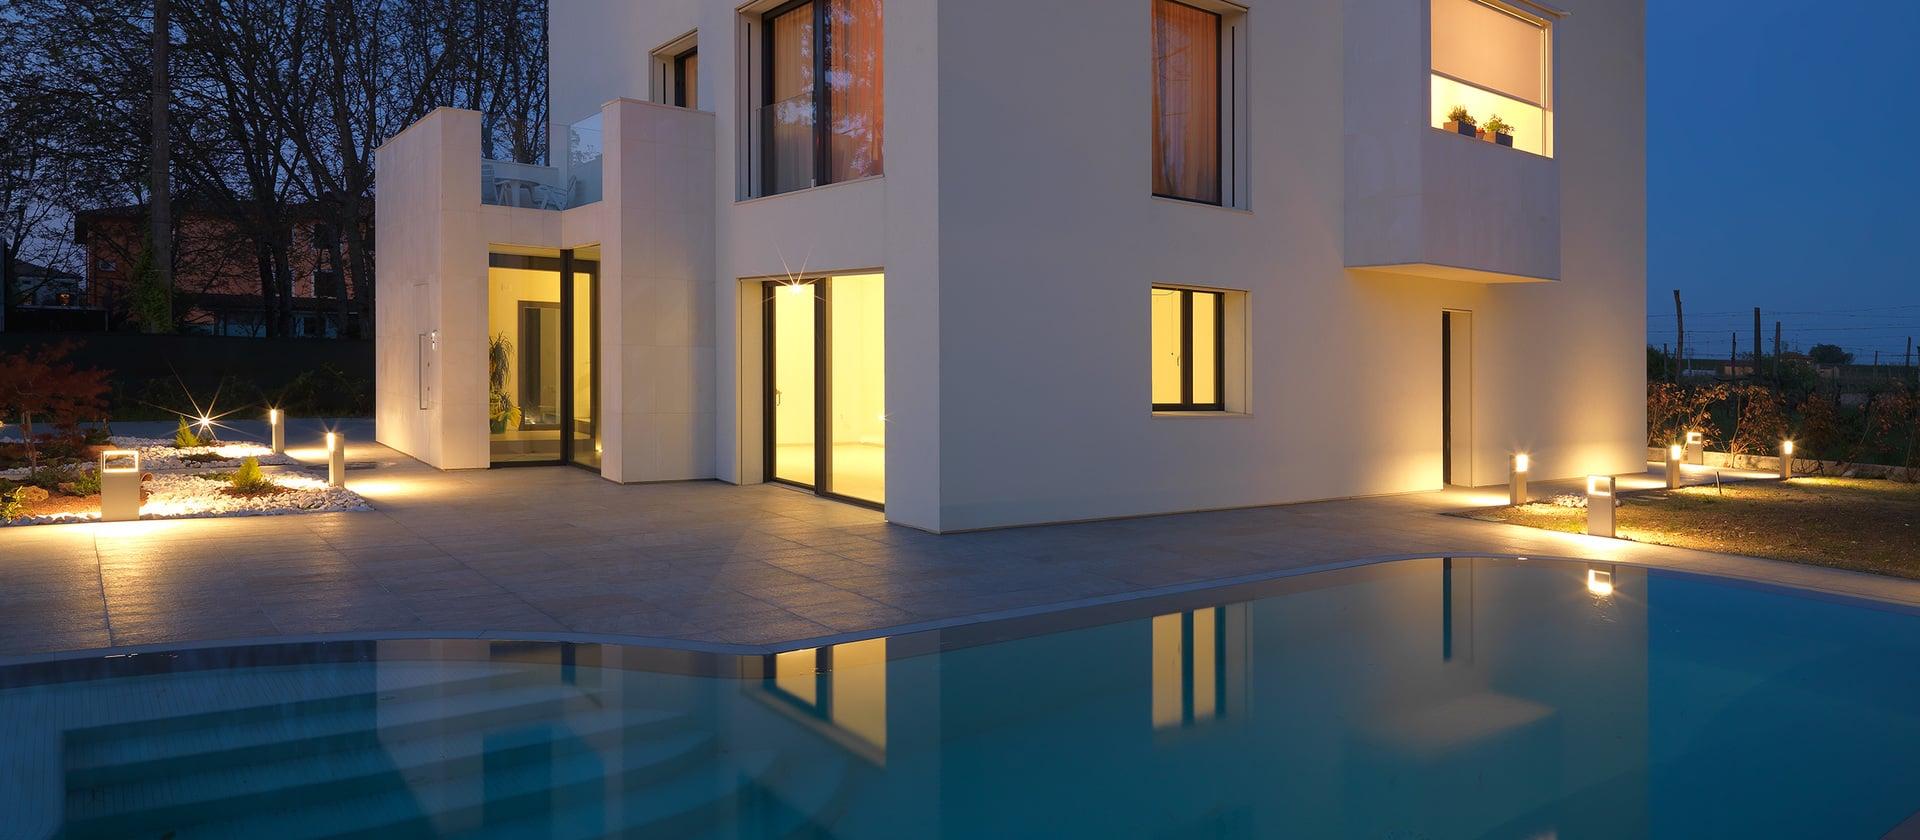 Beleuchtetes Wohngebäude mit Aluminium-Fenster in Abenddämmerung